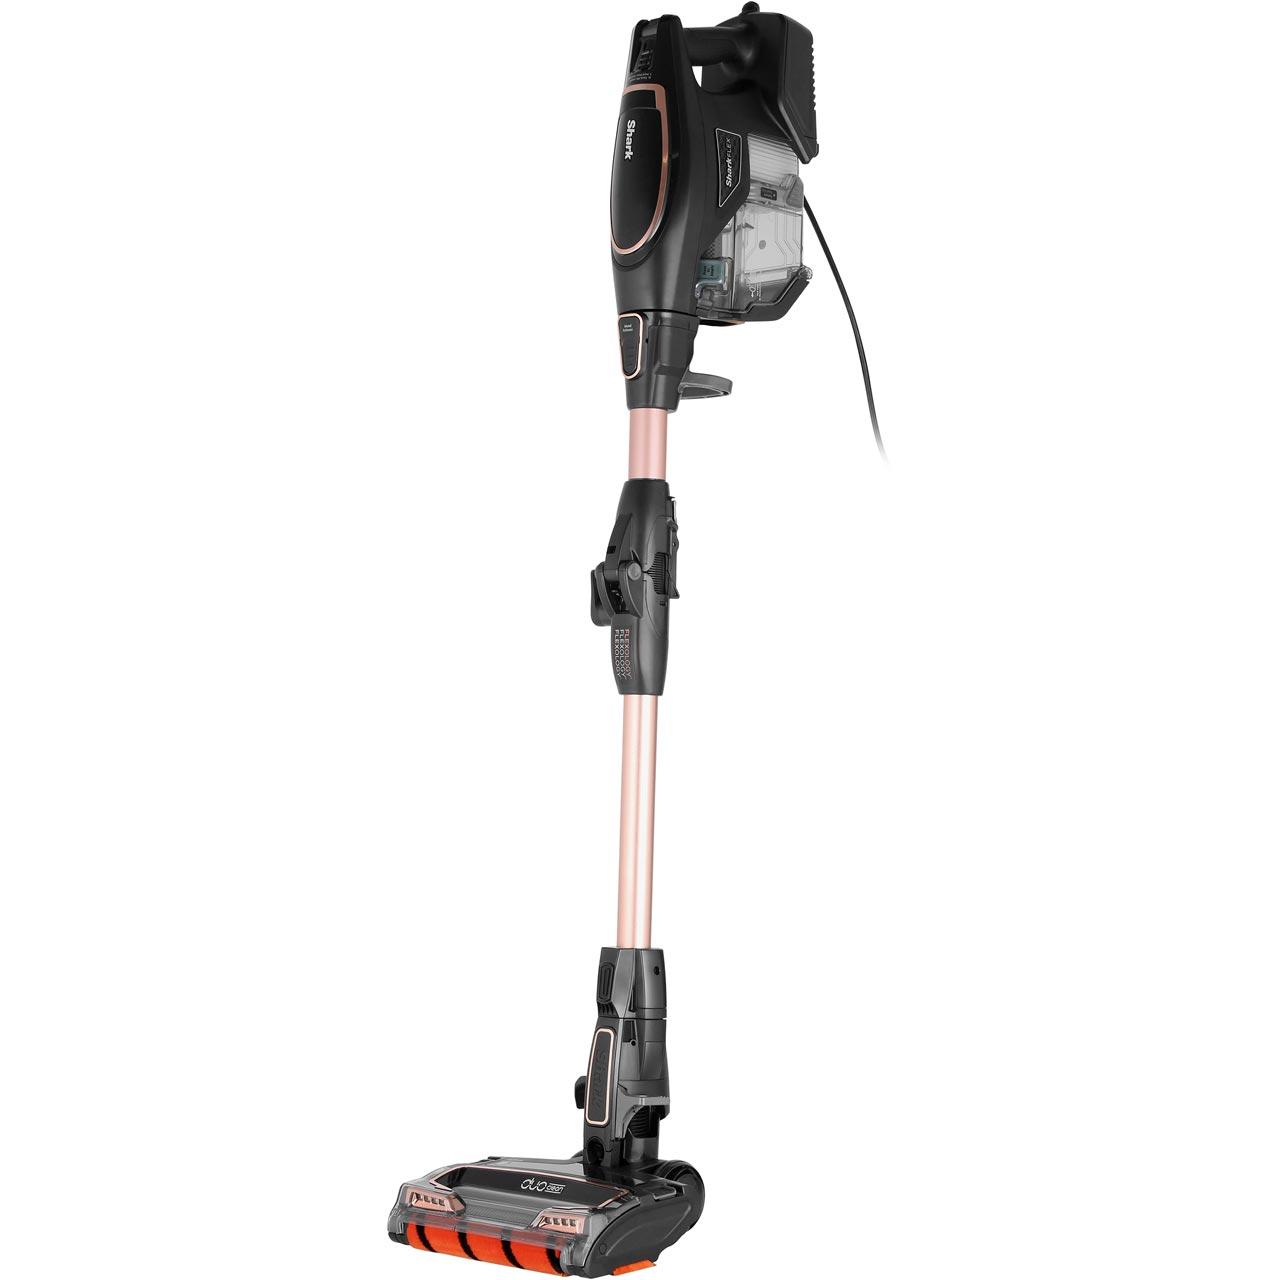 8387754b0fa ... Shark DuoClean Corded with True Pet and Flexology HV390UKT Bagless  Upright Vacuum Cleaner - HV390UKT BKR ...